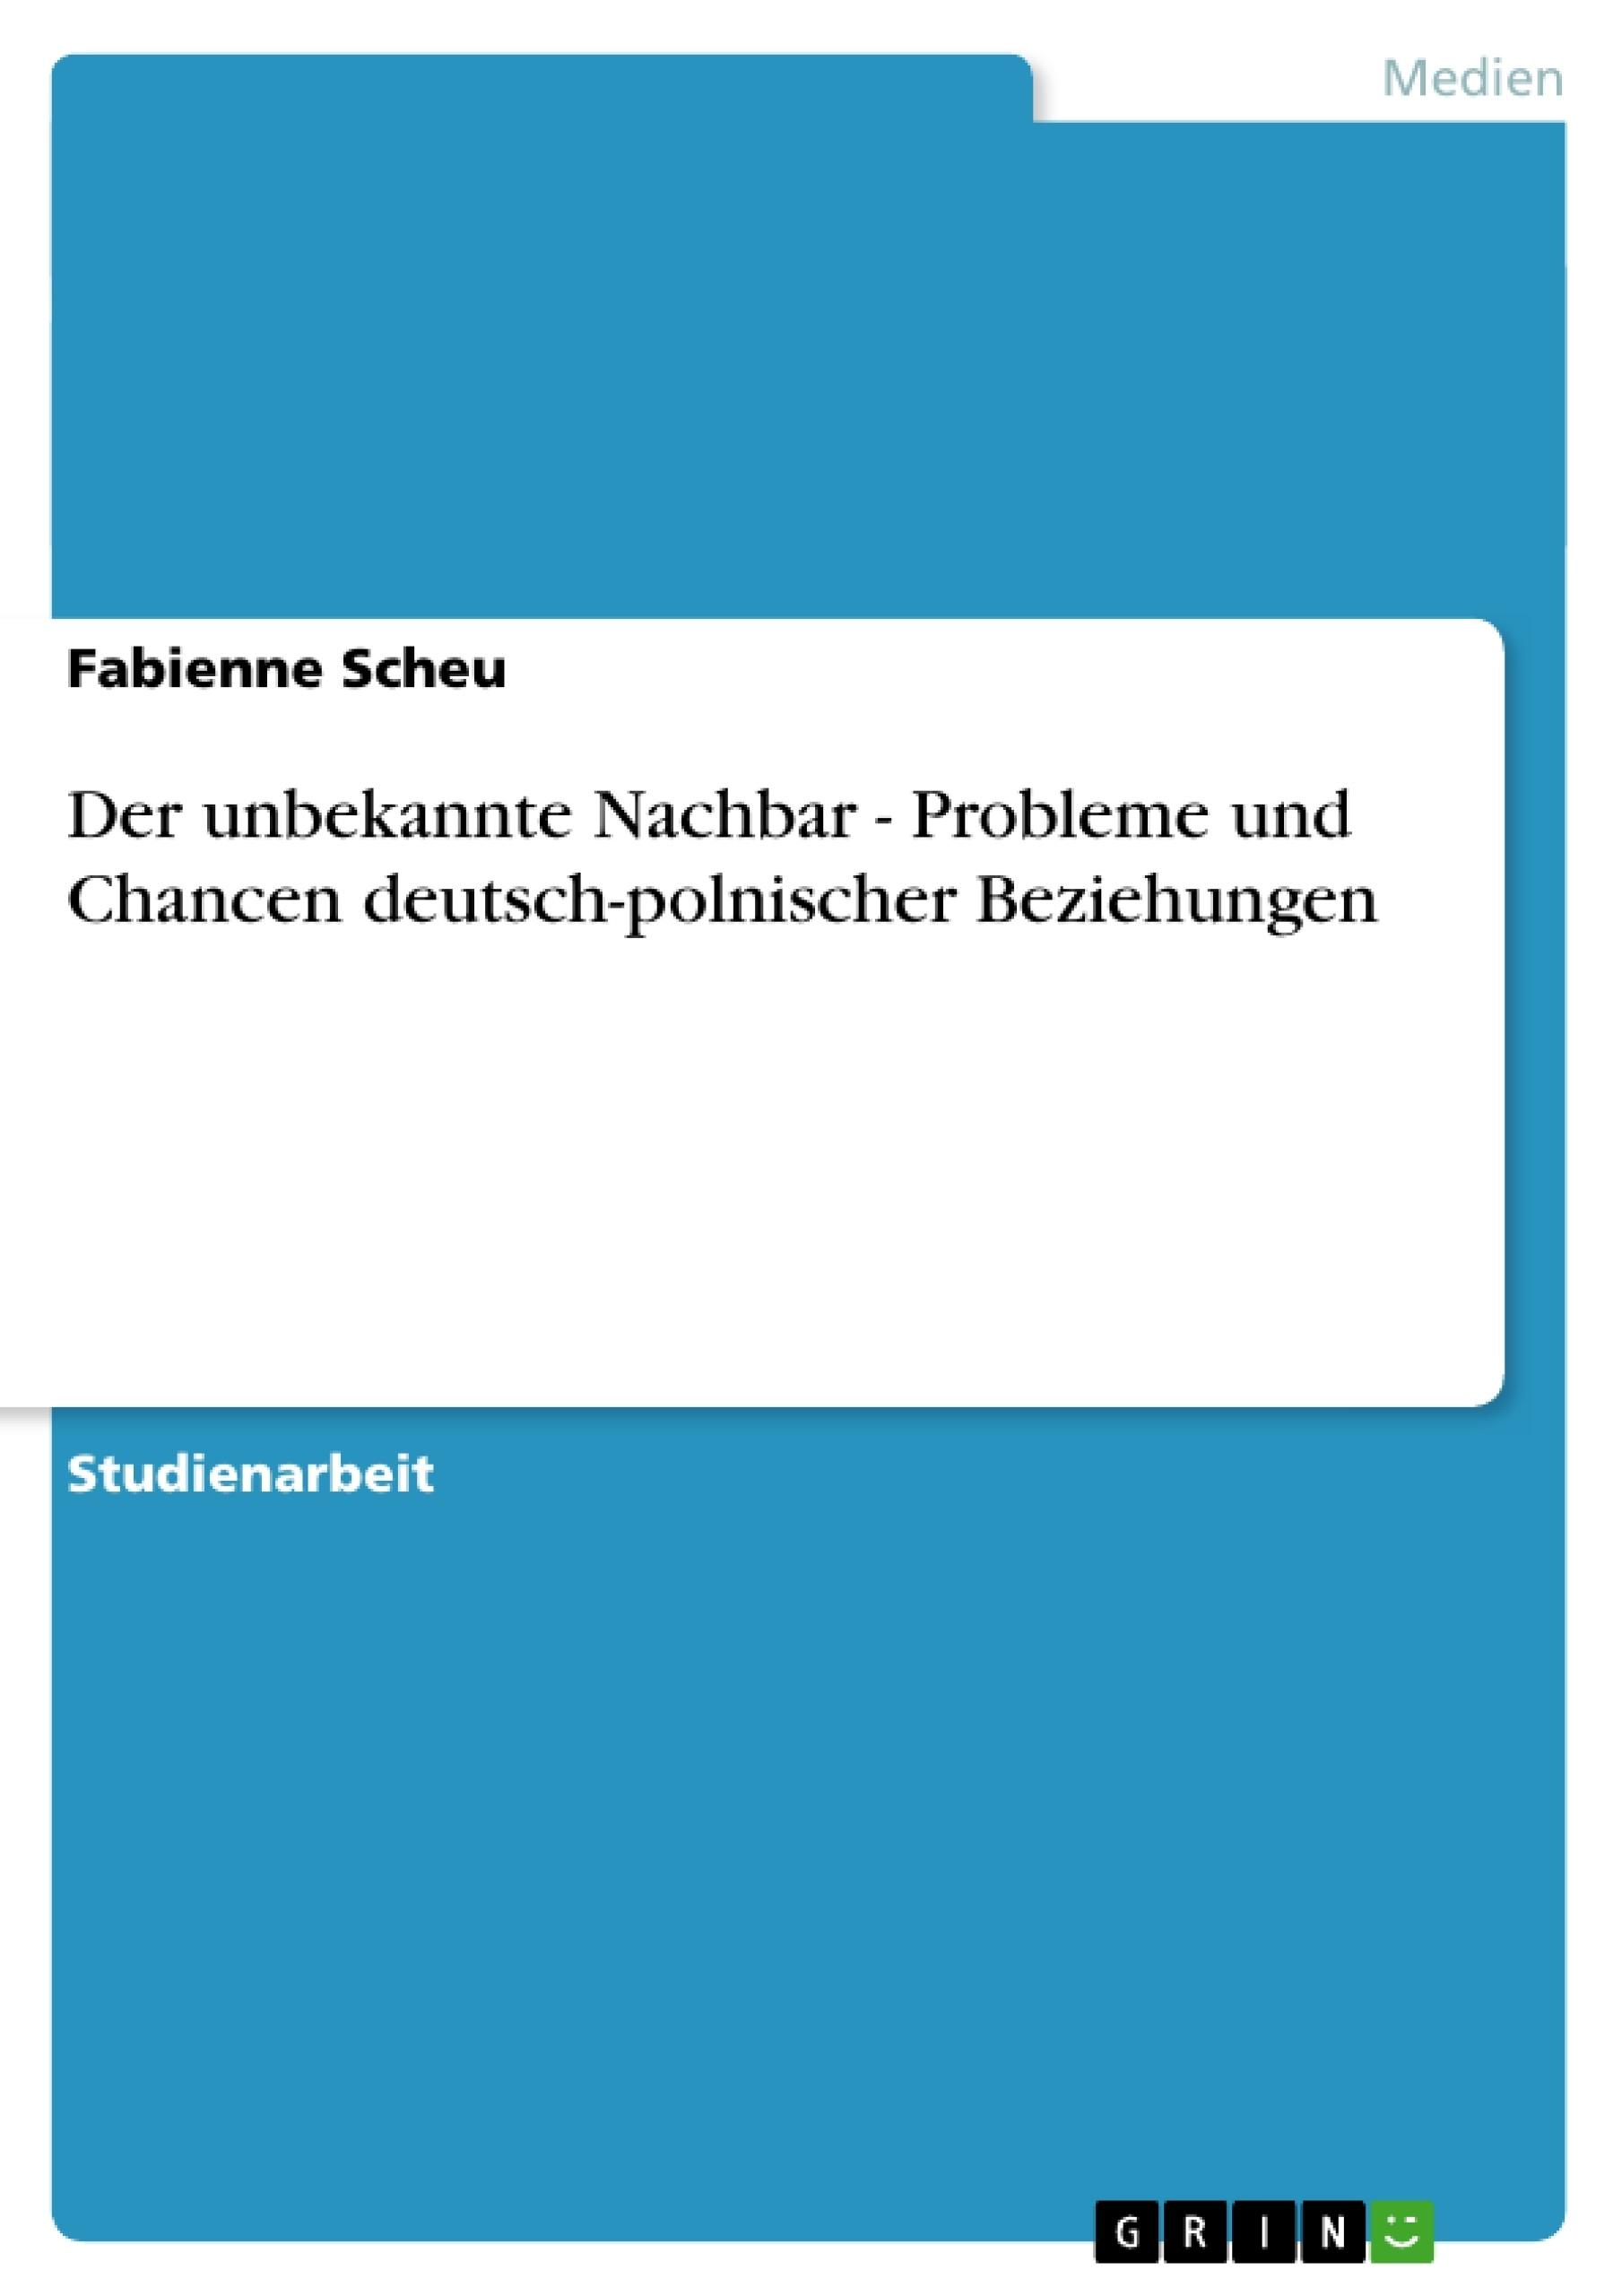 Titel: Der unbekannte Nachbar - Probleme und Chancen deutsch-polnischer Beziehungen